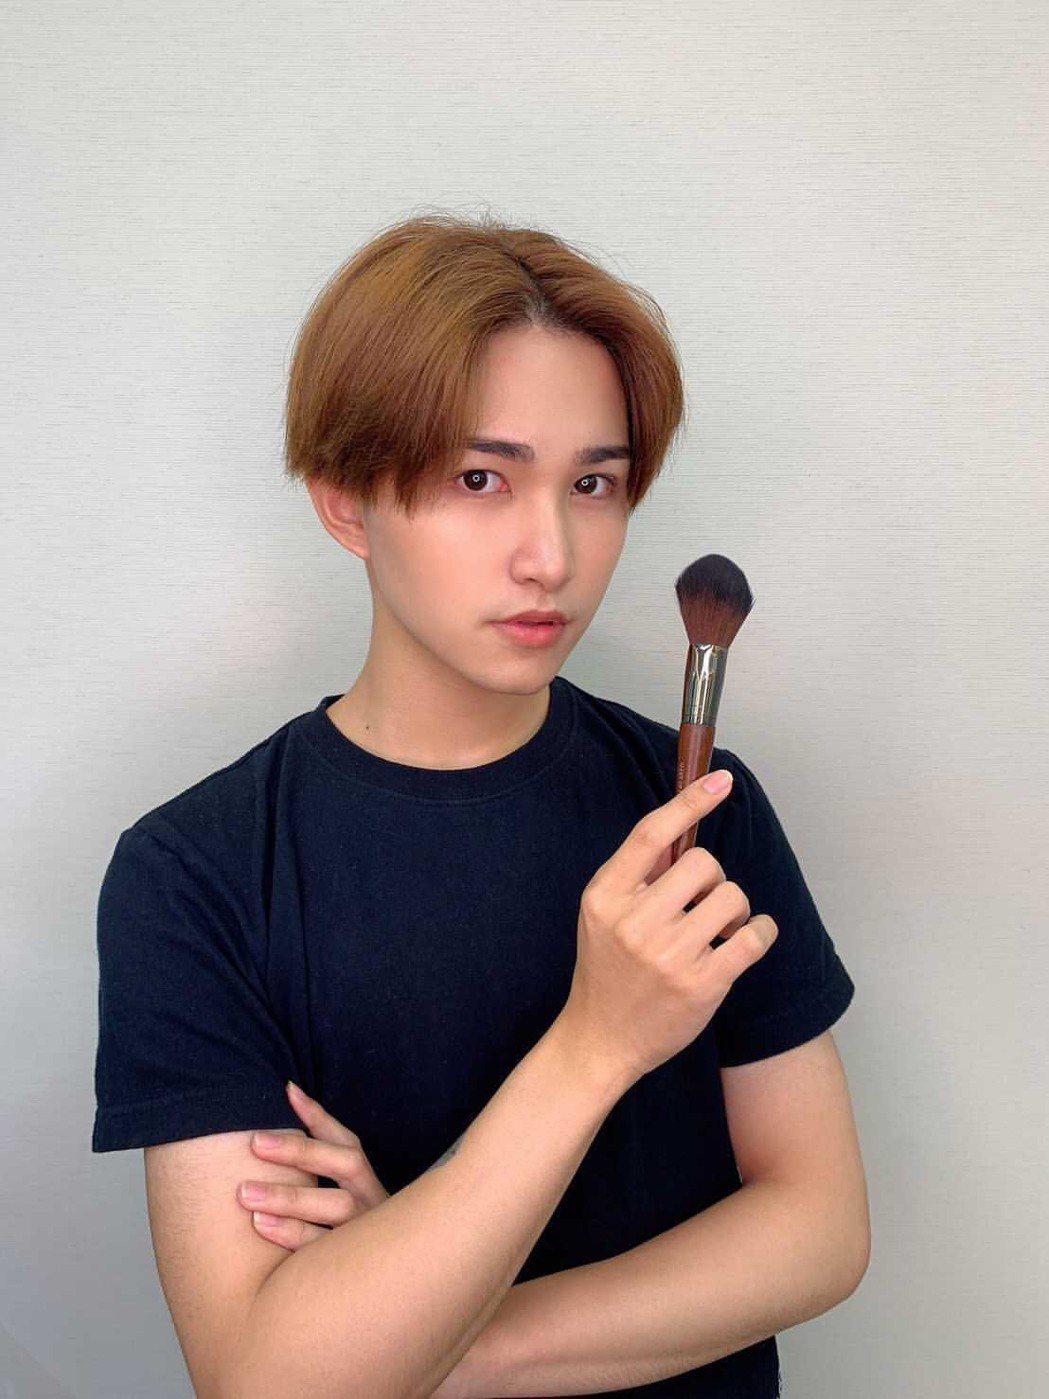 在莊敬高職美容科就對彩妝非常感興趣,林昭佑因此選擇萬能科大時尚系就讀。